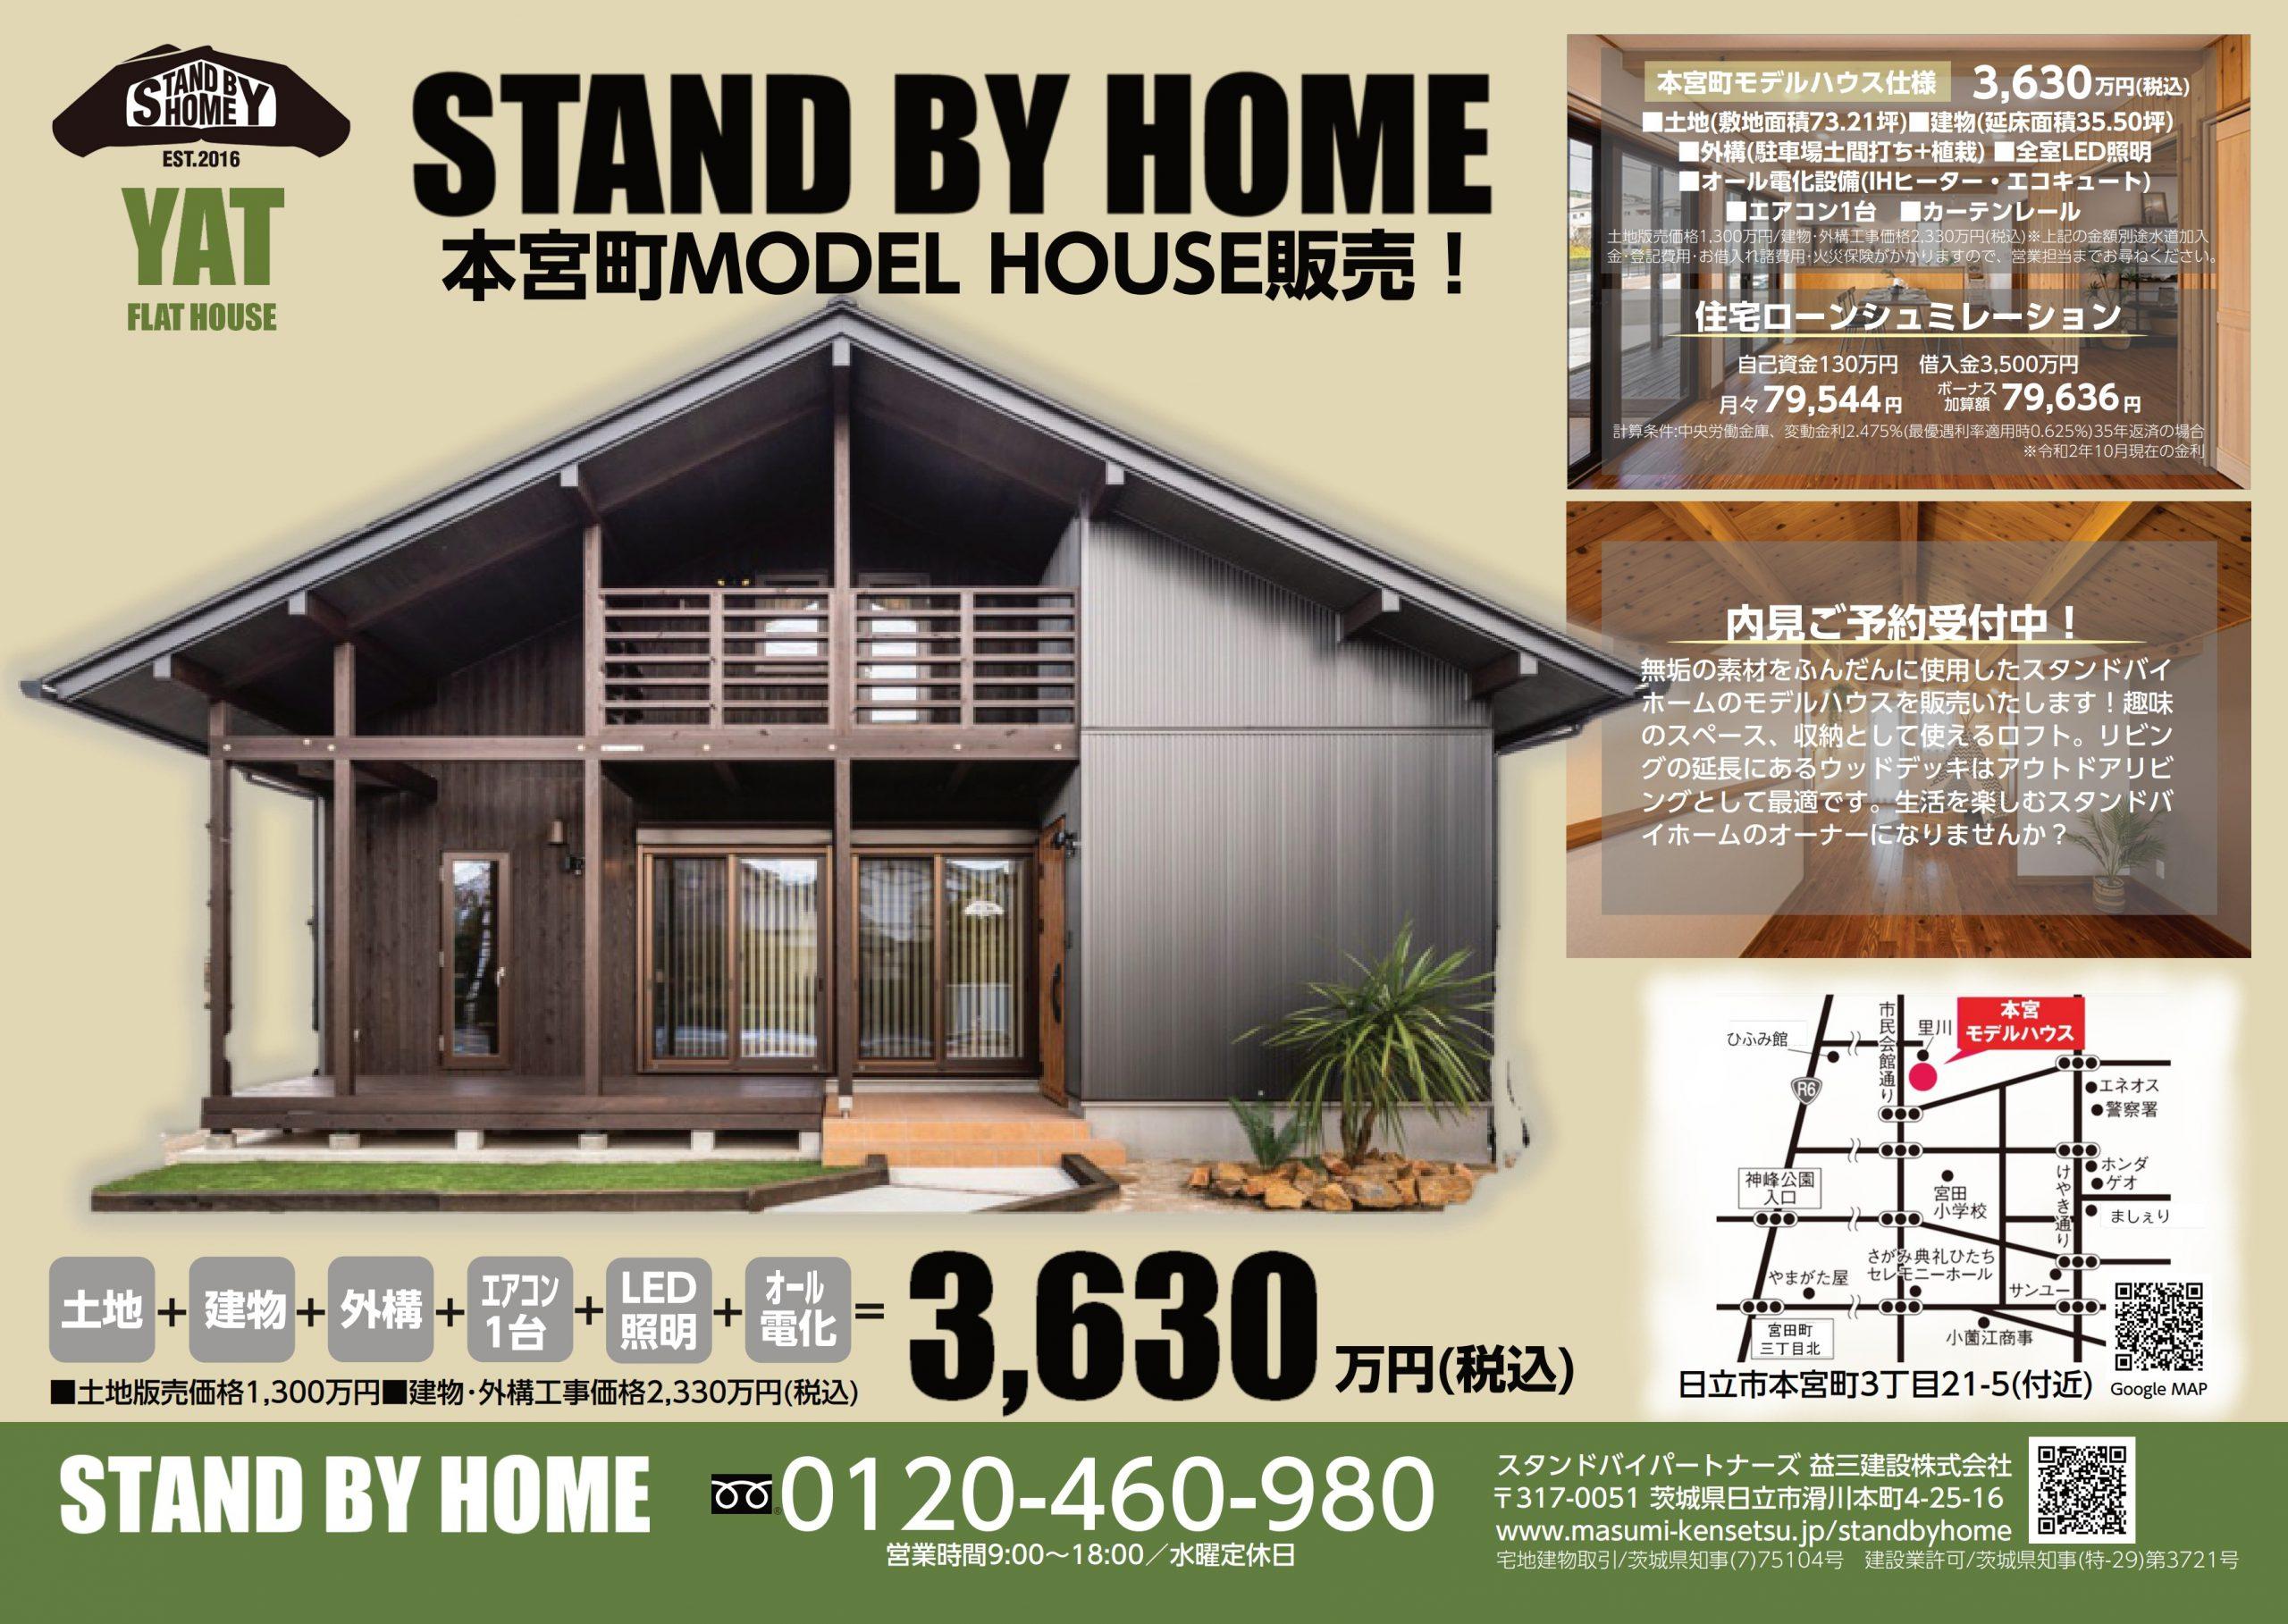 1棟限定!STAND BY HOME 本宮町モデルハウス販売!!